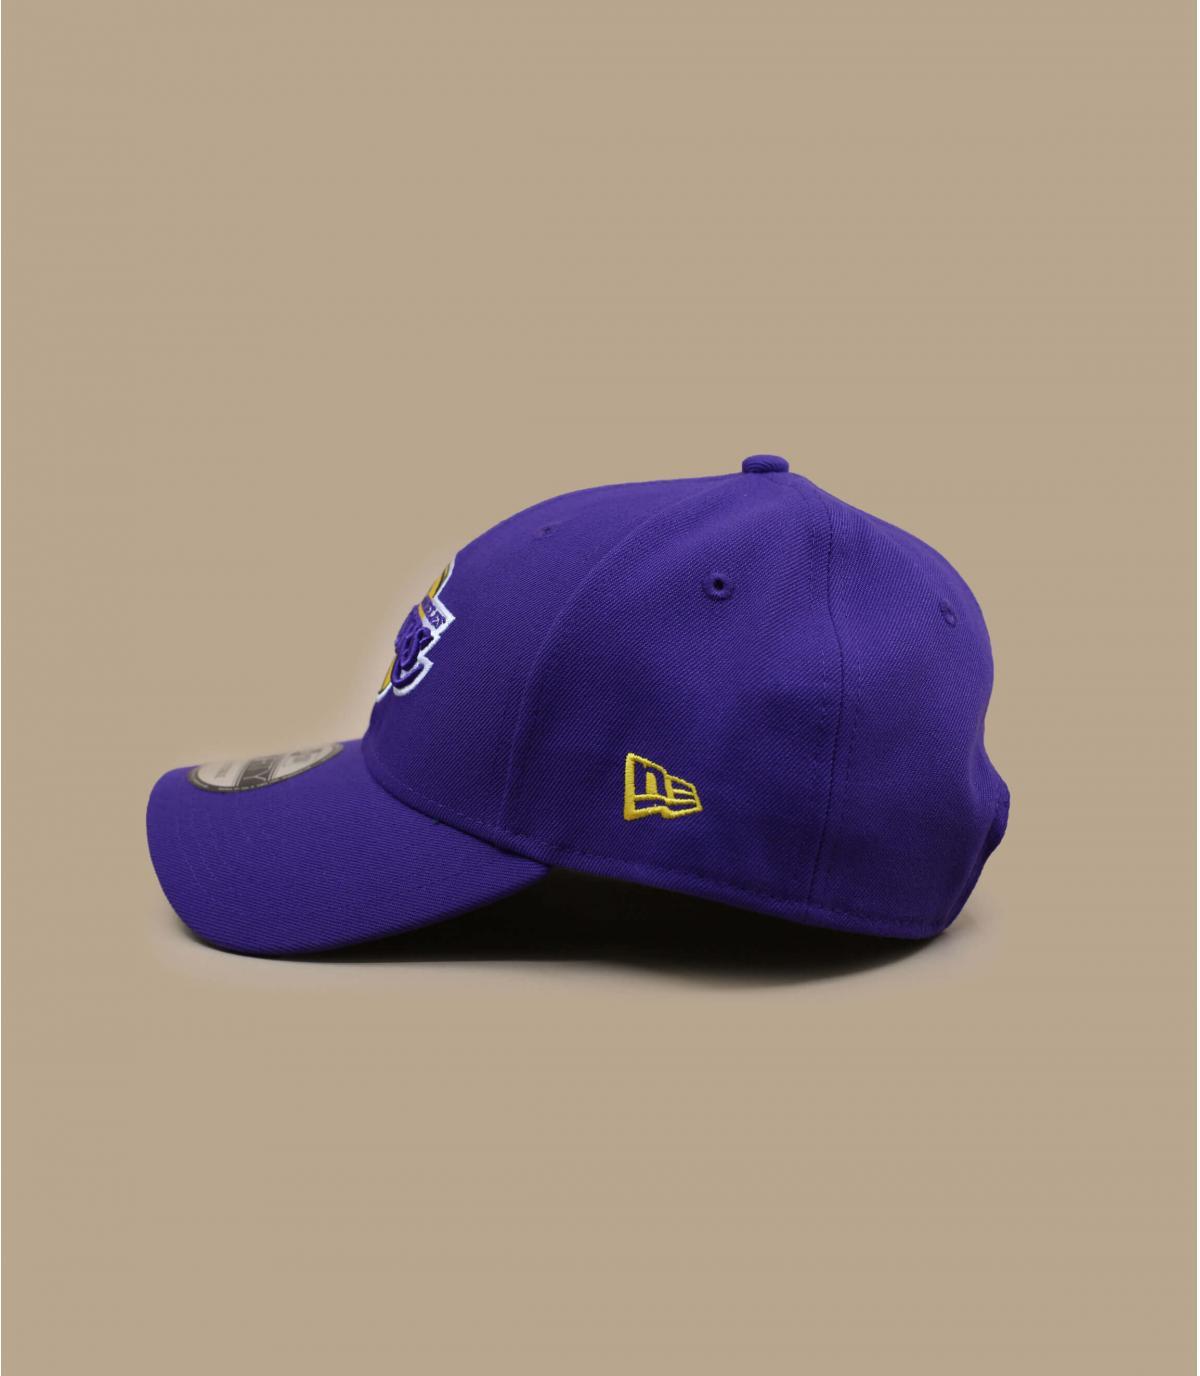 Détails Casquette Lakers NBA The League - image 3